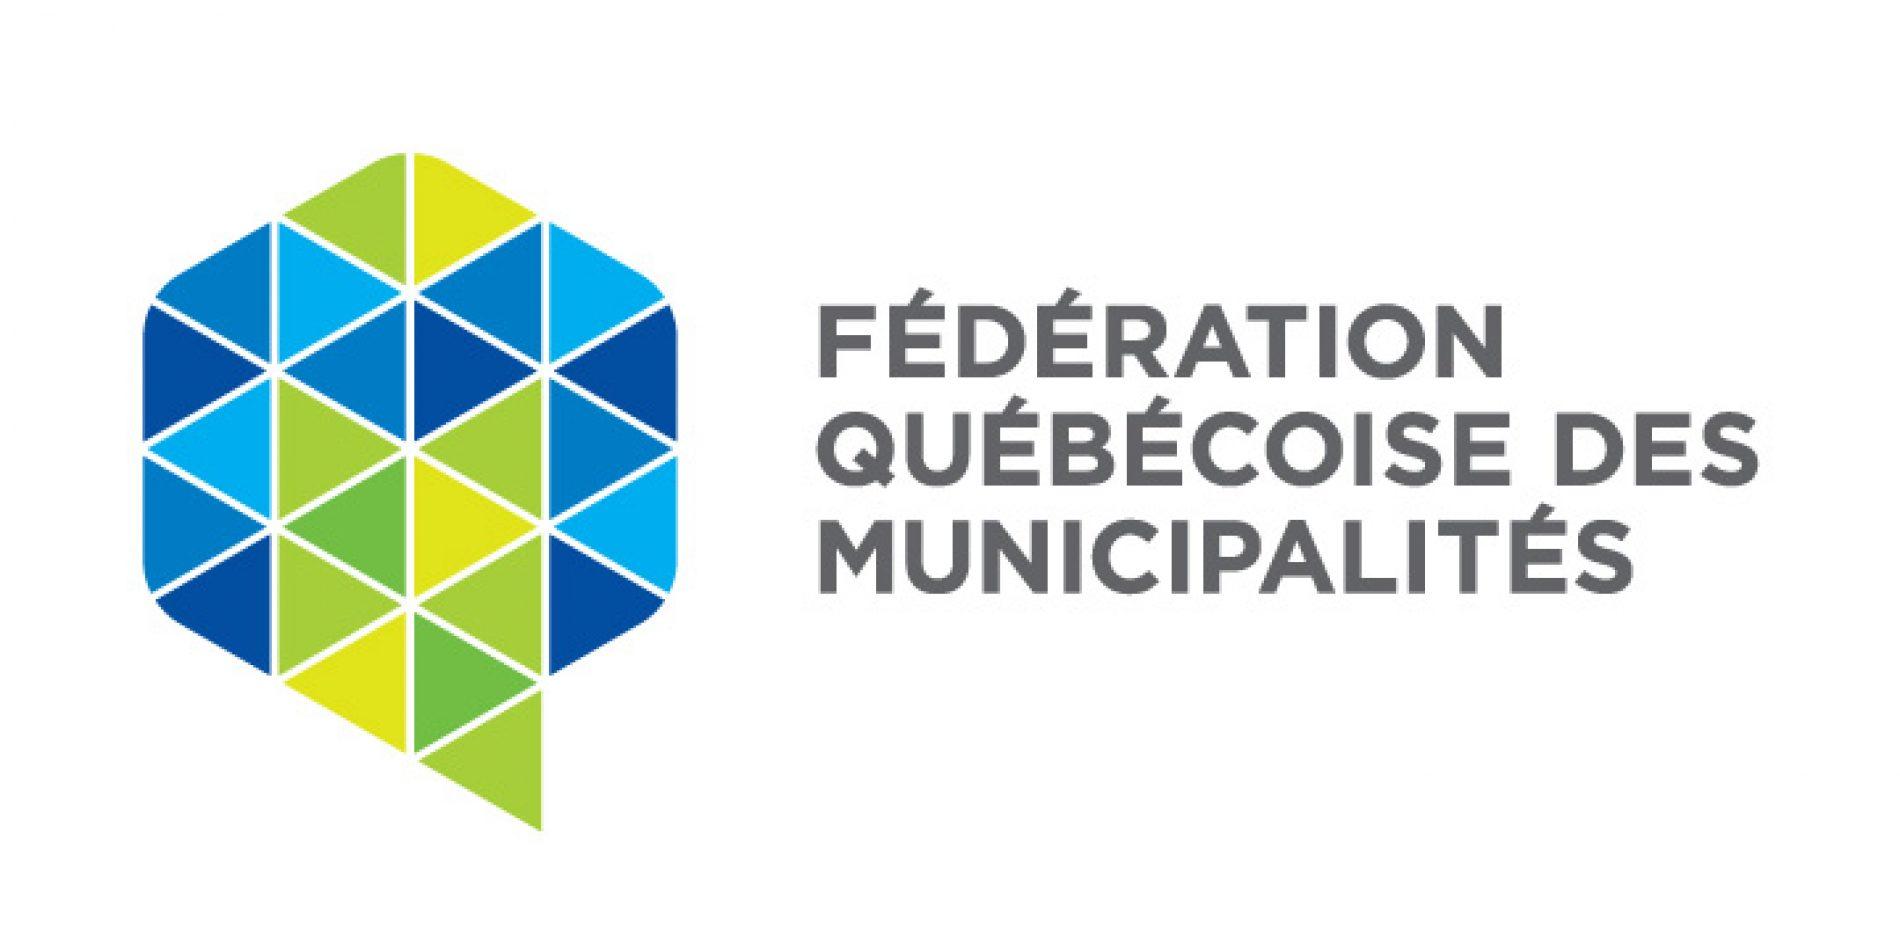 Québec: création d'un fonds local de solidarité dans la MRC des Moulins